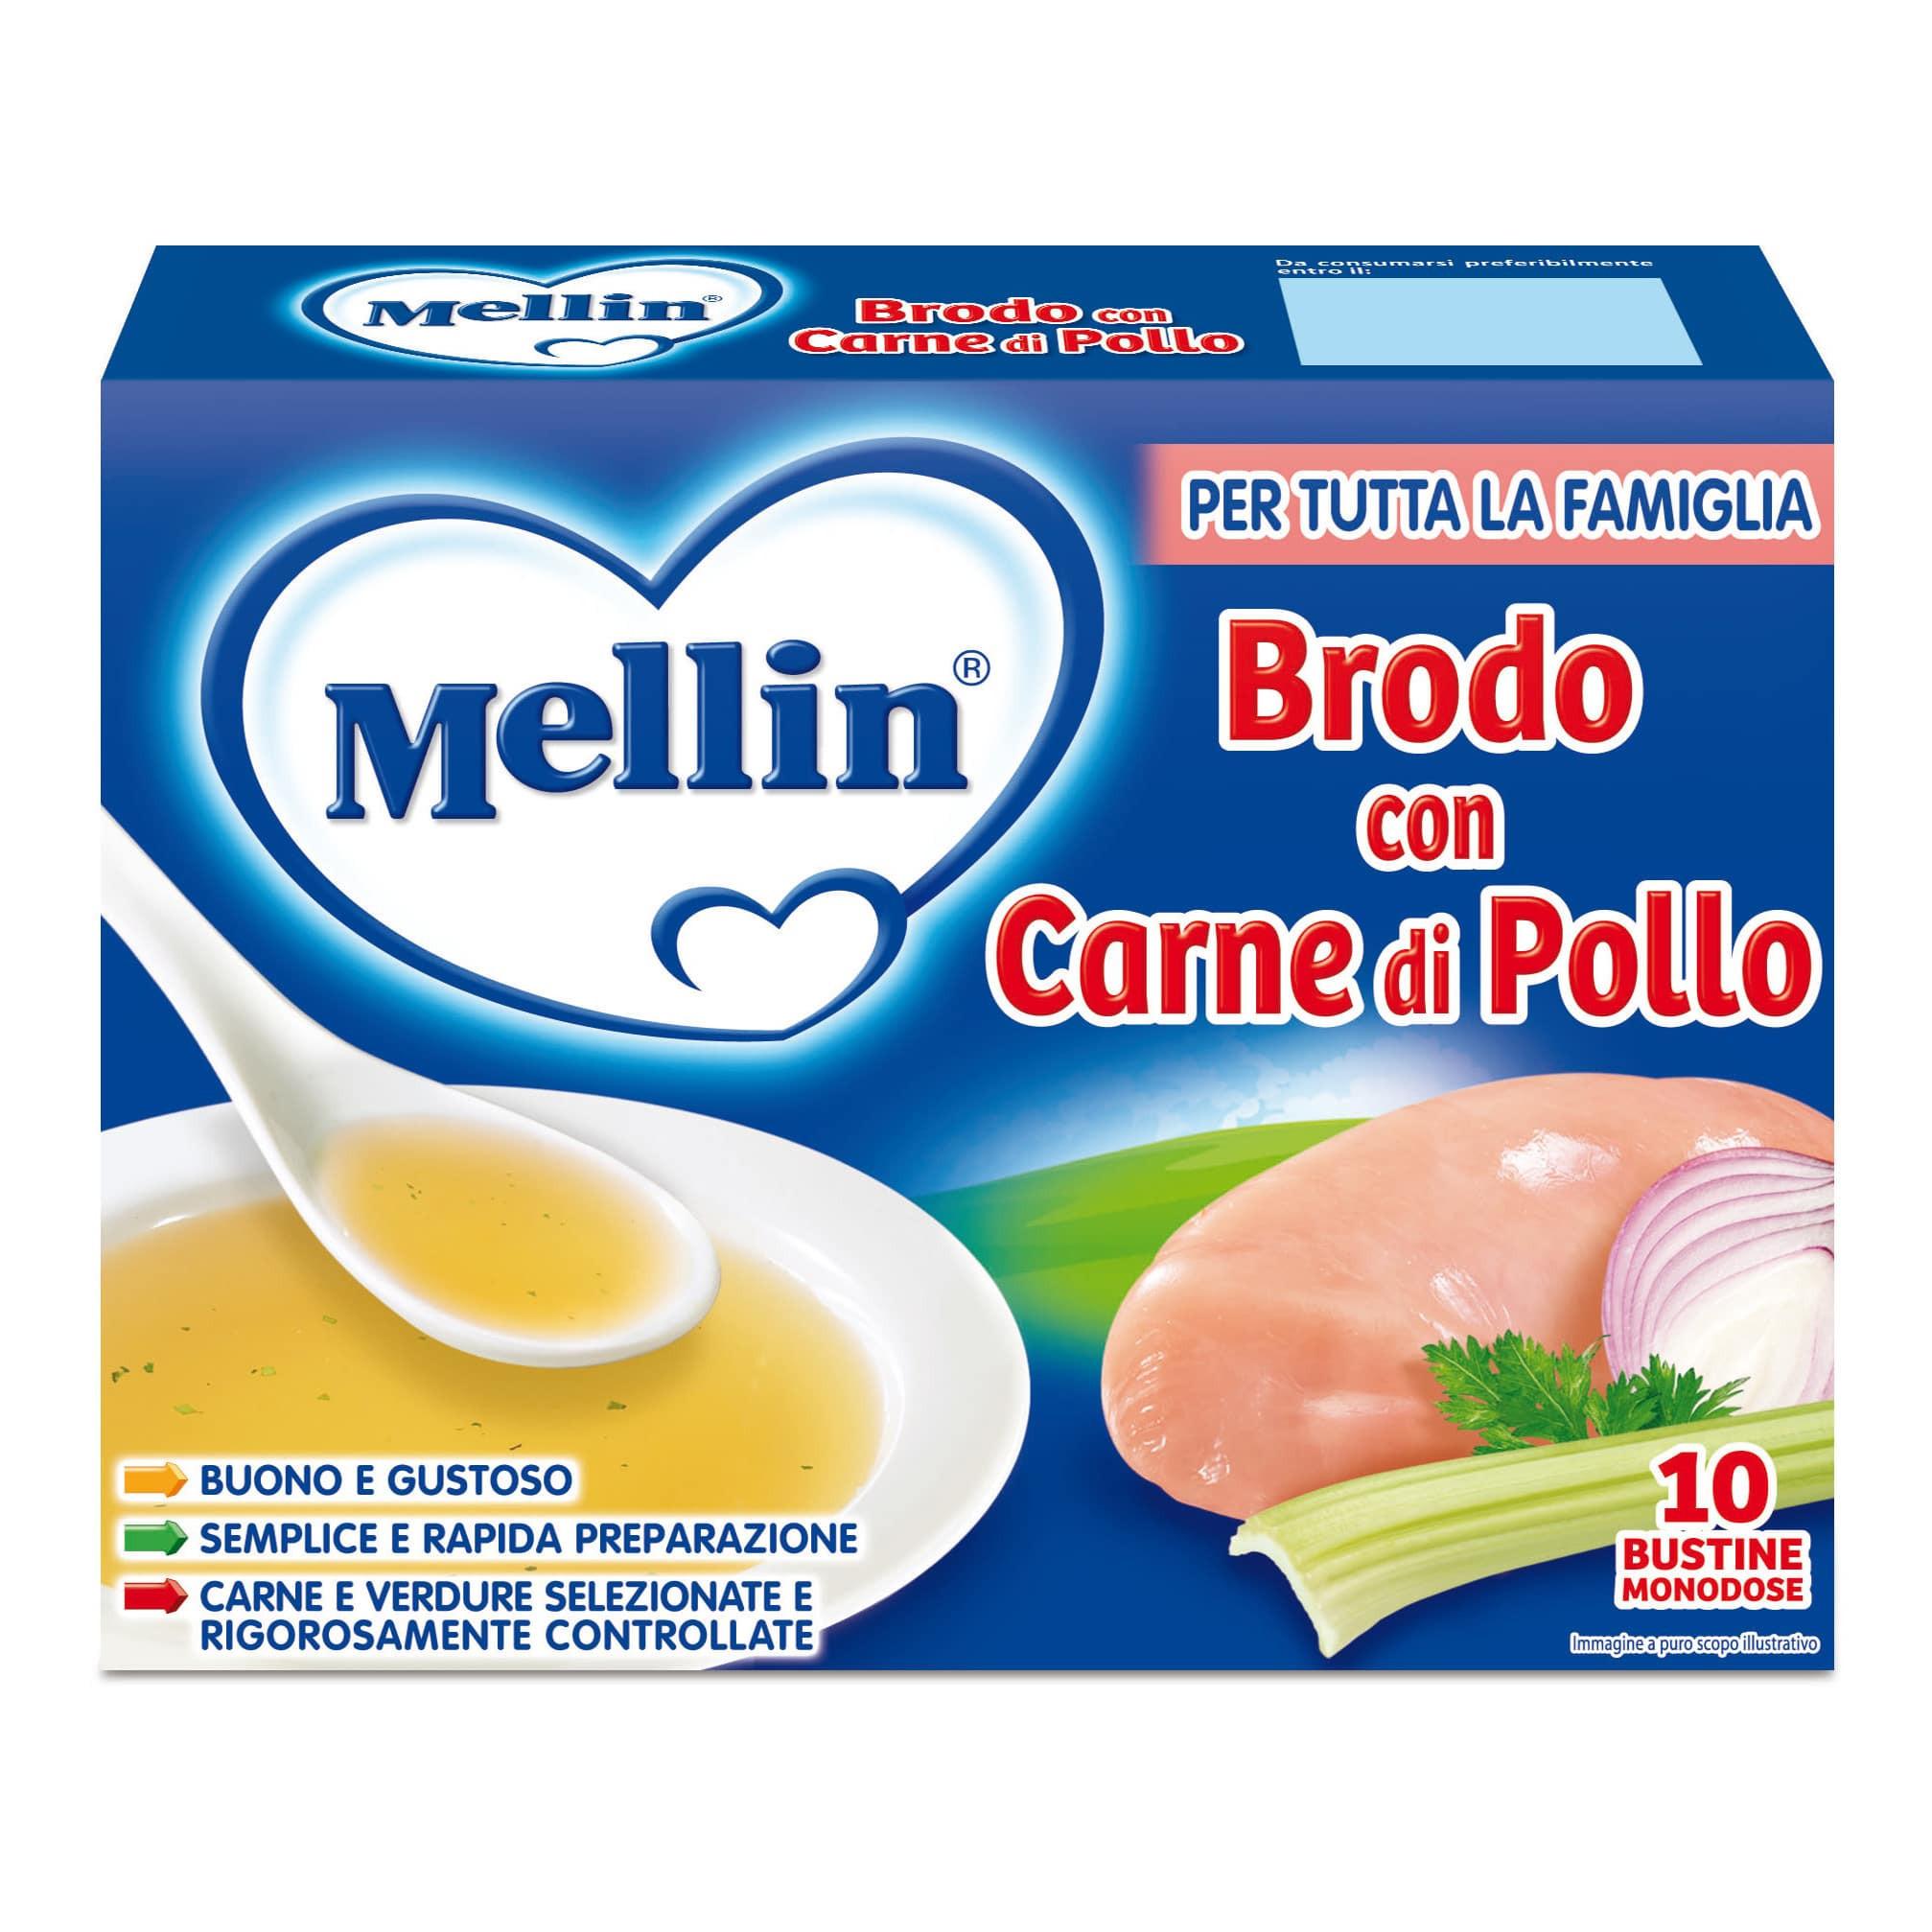 Brodo di Carne di Pollo Mellin